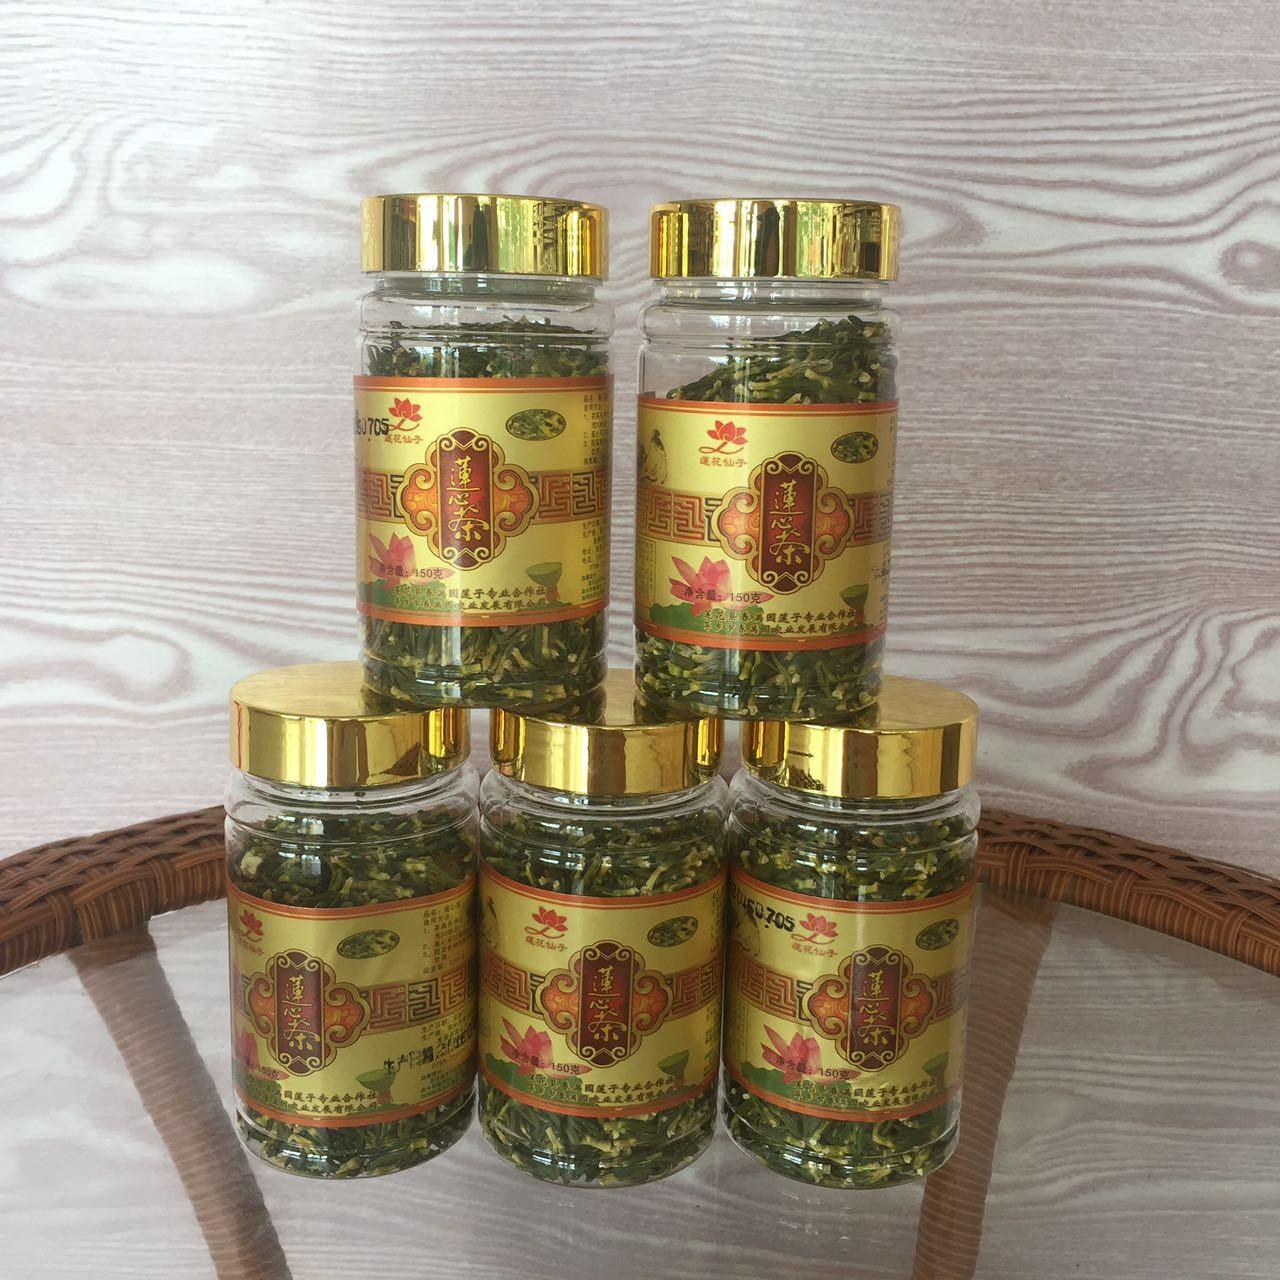 罐装莲芯茶  清热解毒  厂家直销 供应新货